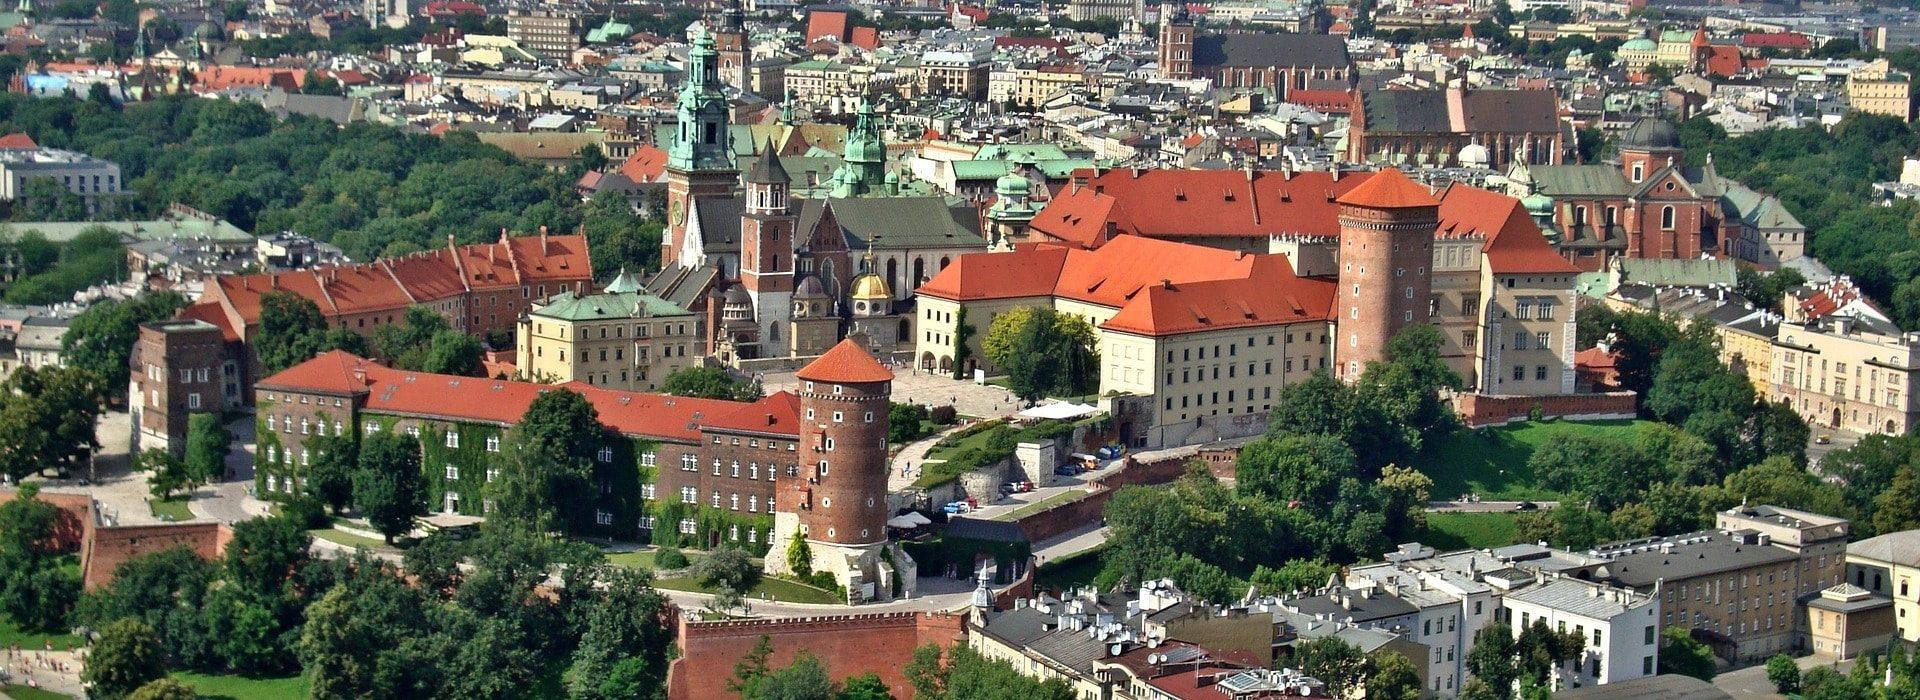 Ture til Auschwitz - Dansk guide i Krakow | Krakow-Service.dk